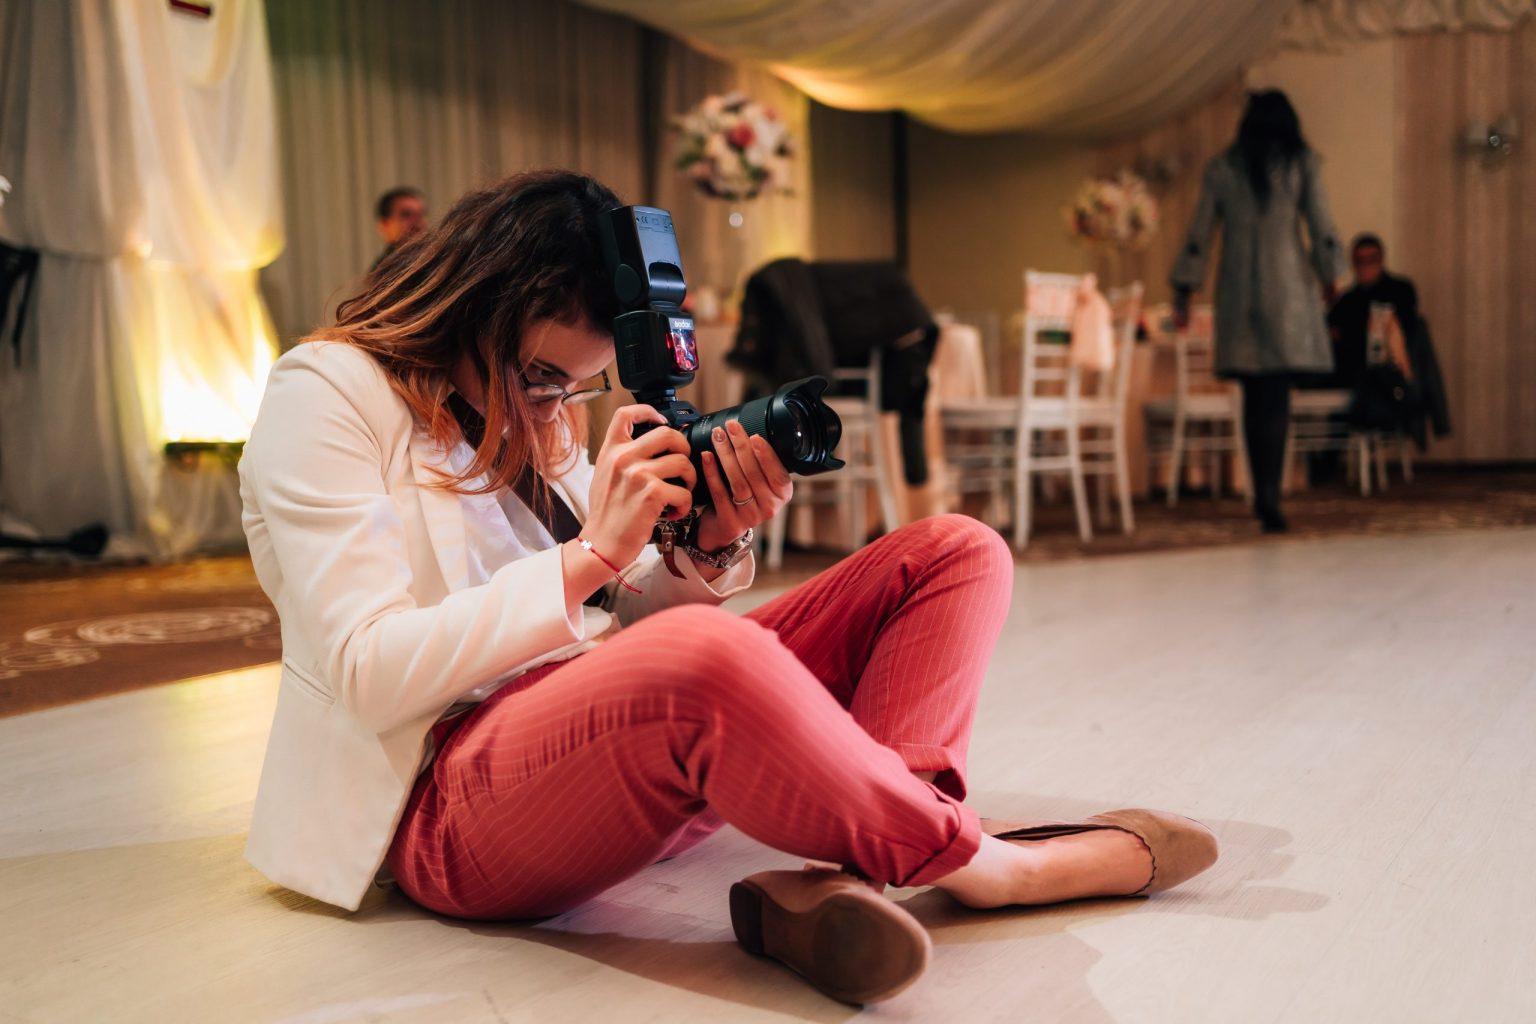 """<span class=""""hidepagetitles_toggle_title"""">Sfaturi pentru fotografi de nunti la inceput de drum, dar mai ales la prima nunta</span>"""